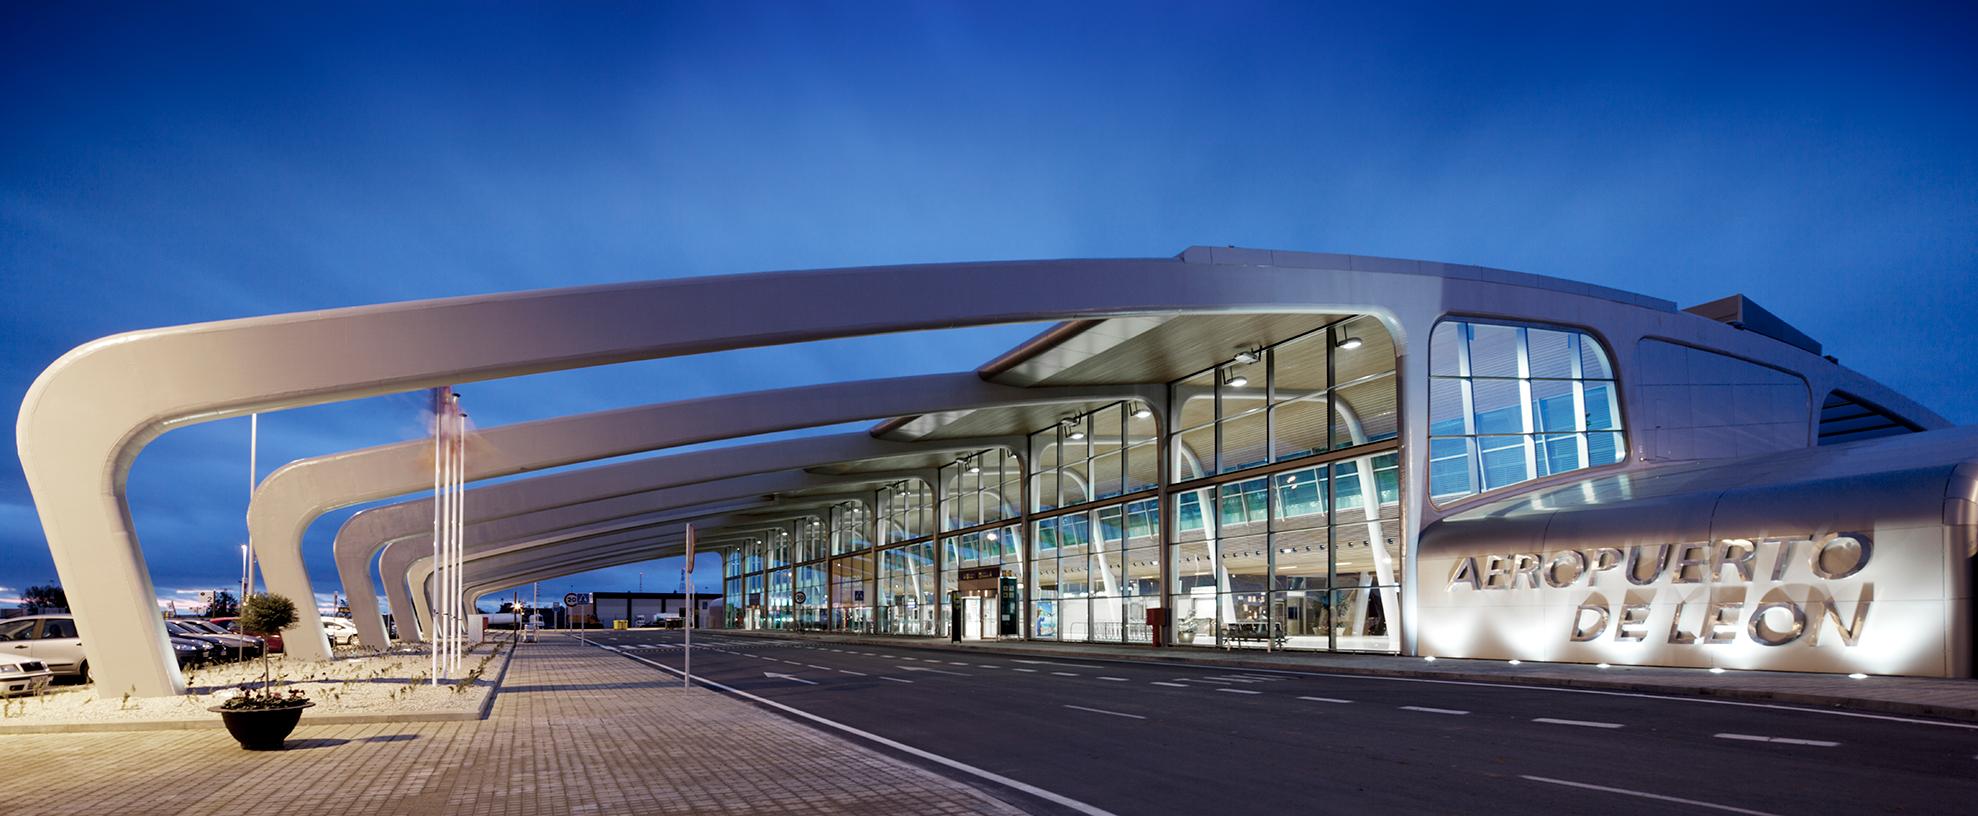 Aeropuerto-de-Leon.-Bronce-Metallic_01_1585826986.jpg